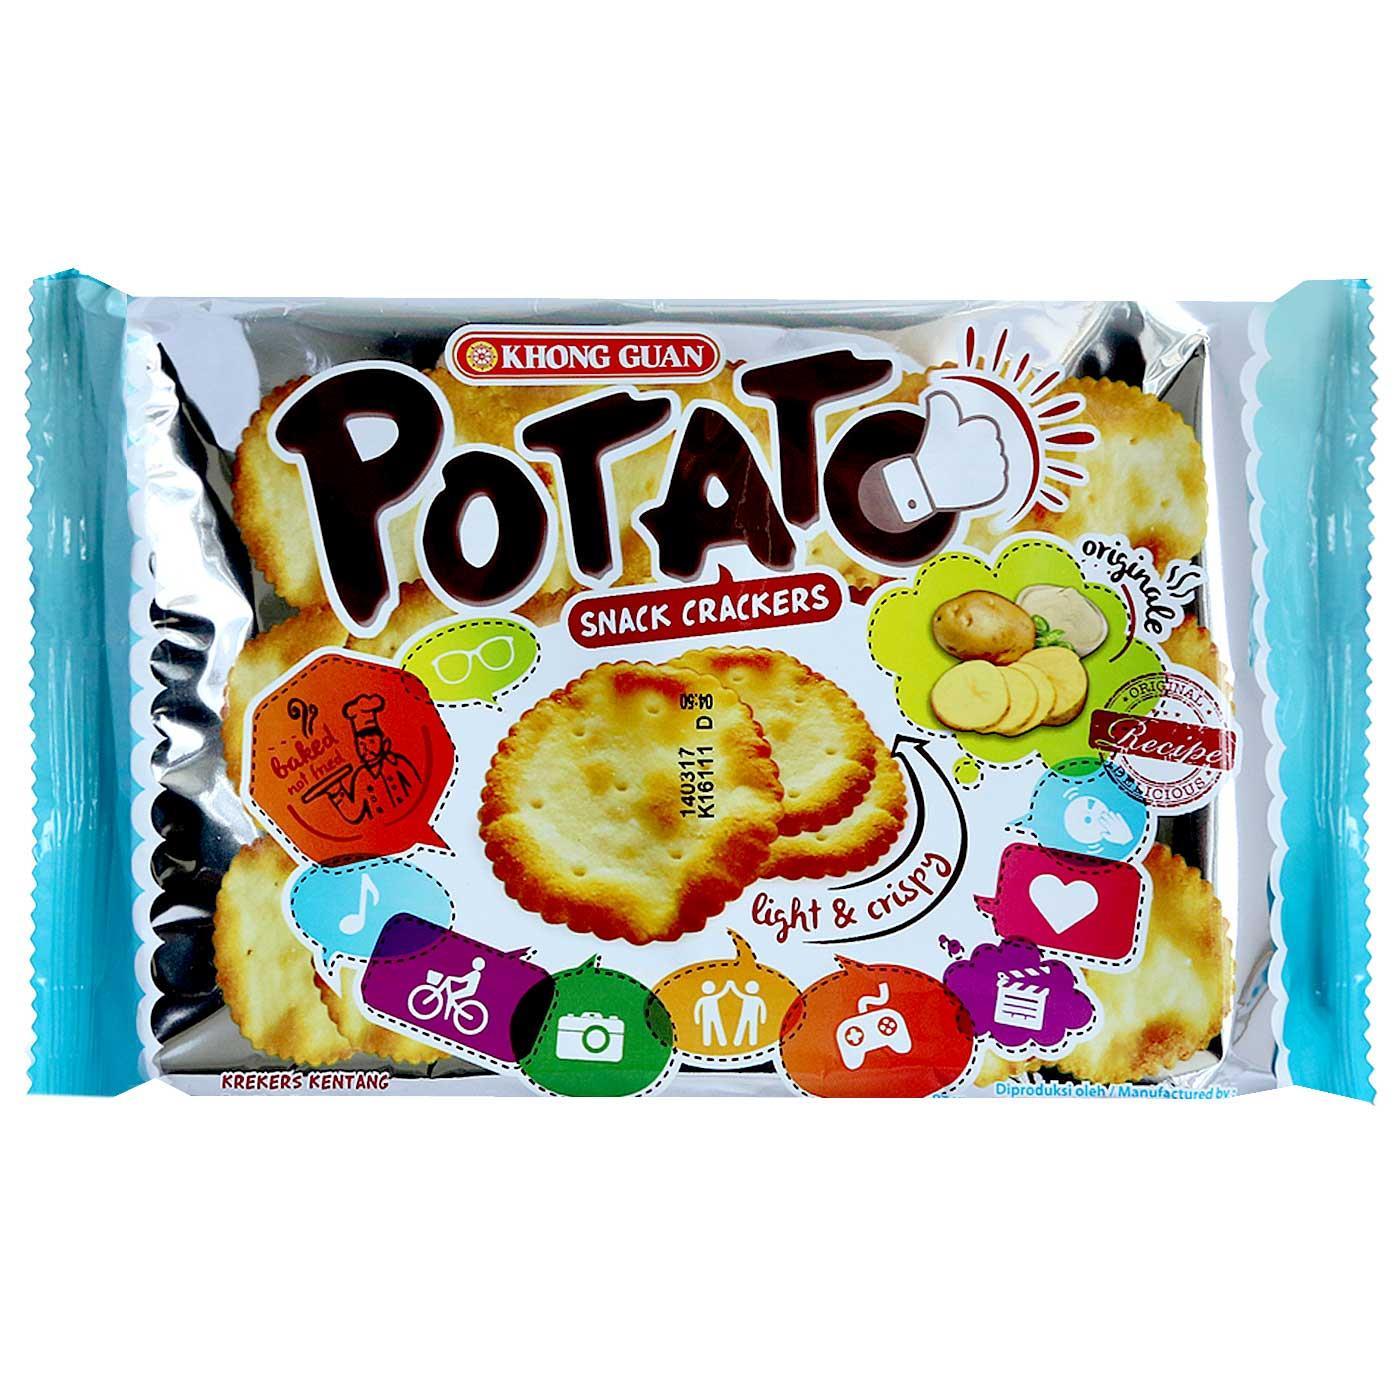 Khong Guan Cracker Malkist Kelapa 230g Daftar Harga Terkini Dan Khongguan Combo Max 175g Jual Potatos Crackers